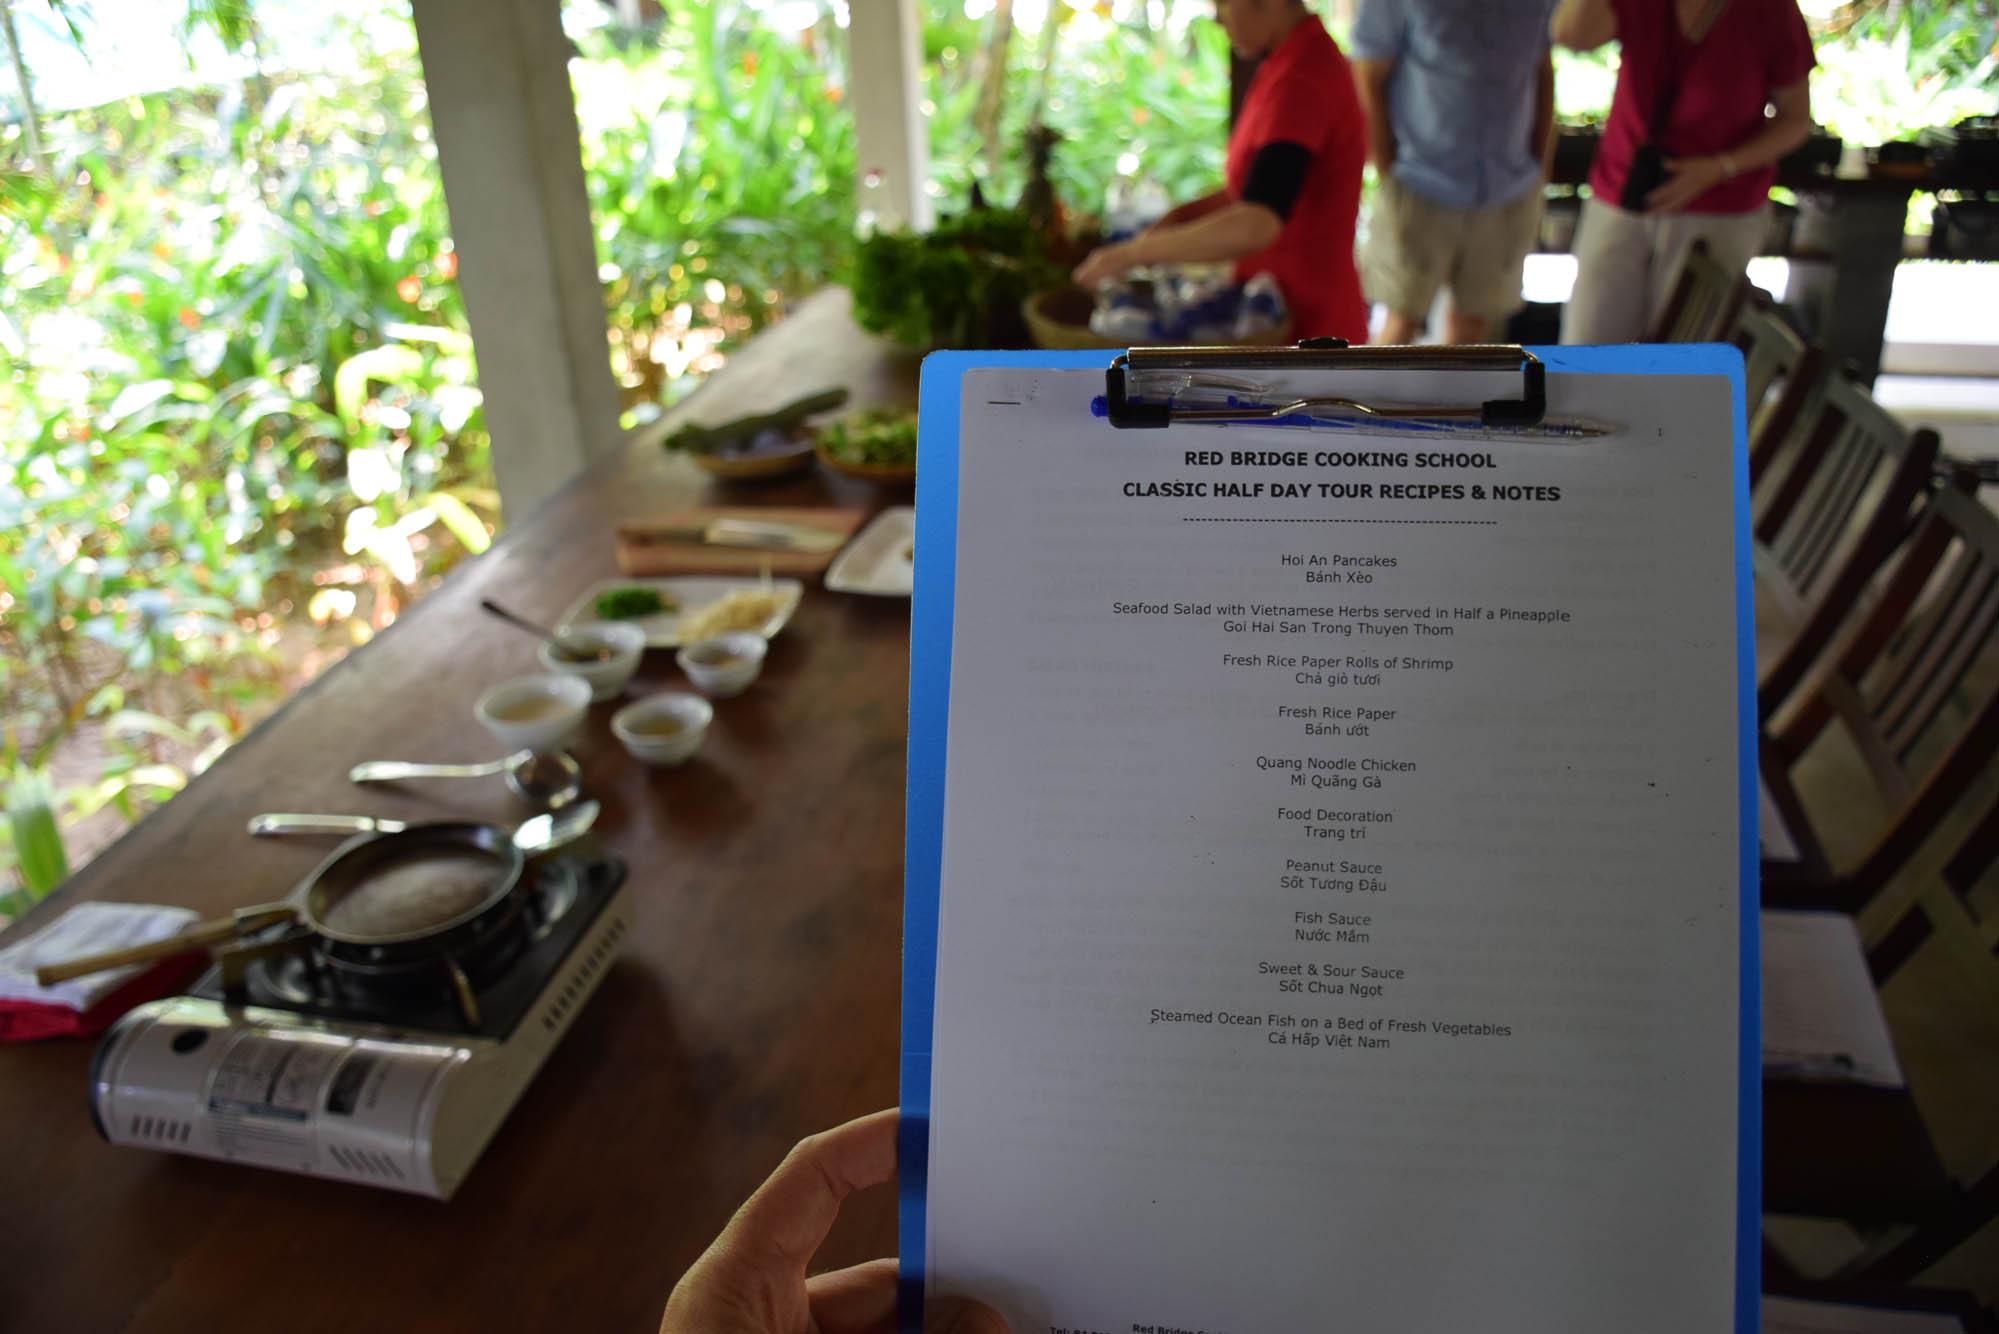 O que iríamos aprender a cozinhar naquele dia | Red Bridge Cooking School - Hoi An